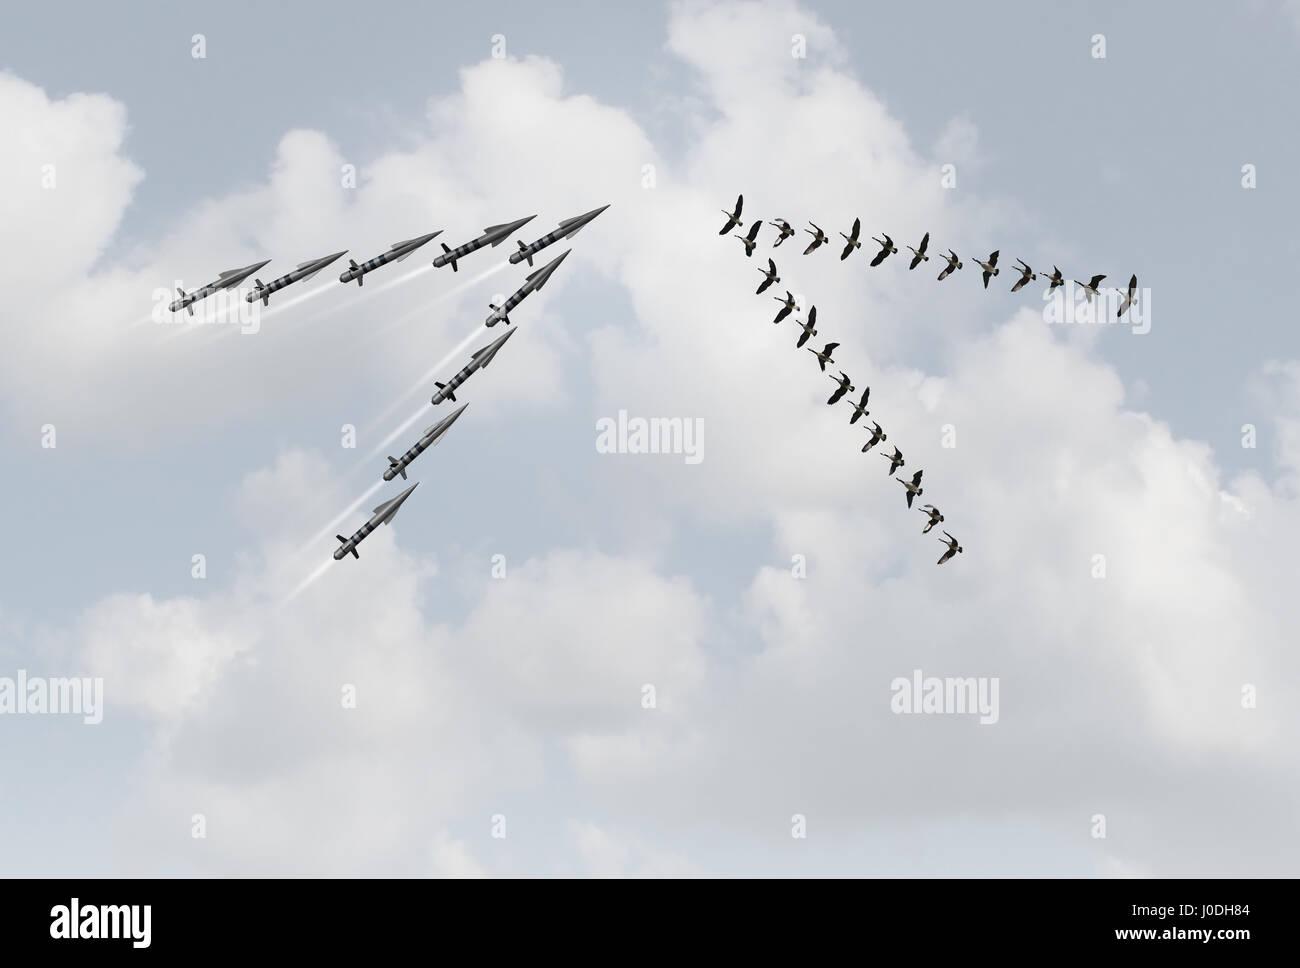 Concepto de paz la guerra como un grupo de pacíficos gansos en un v formación frente a proyectiles peligrosos Imagen De Stock